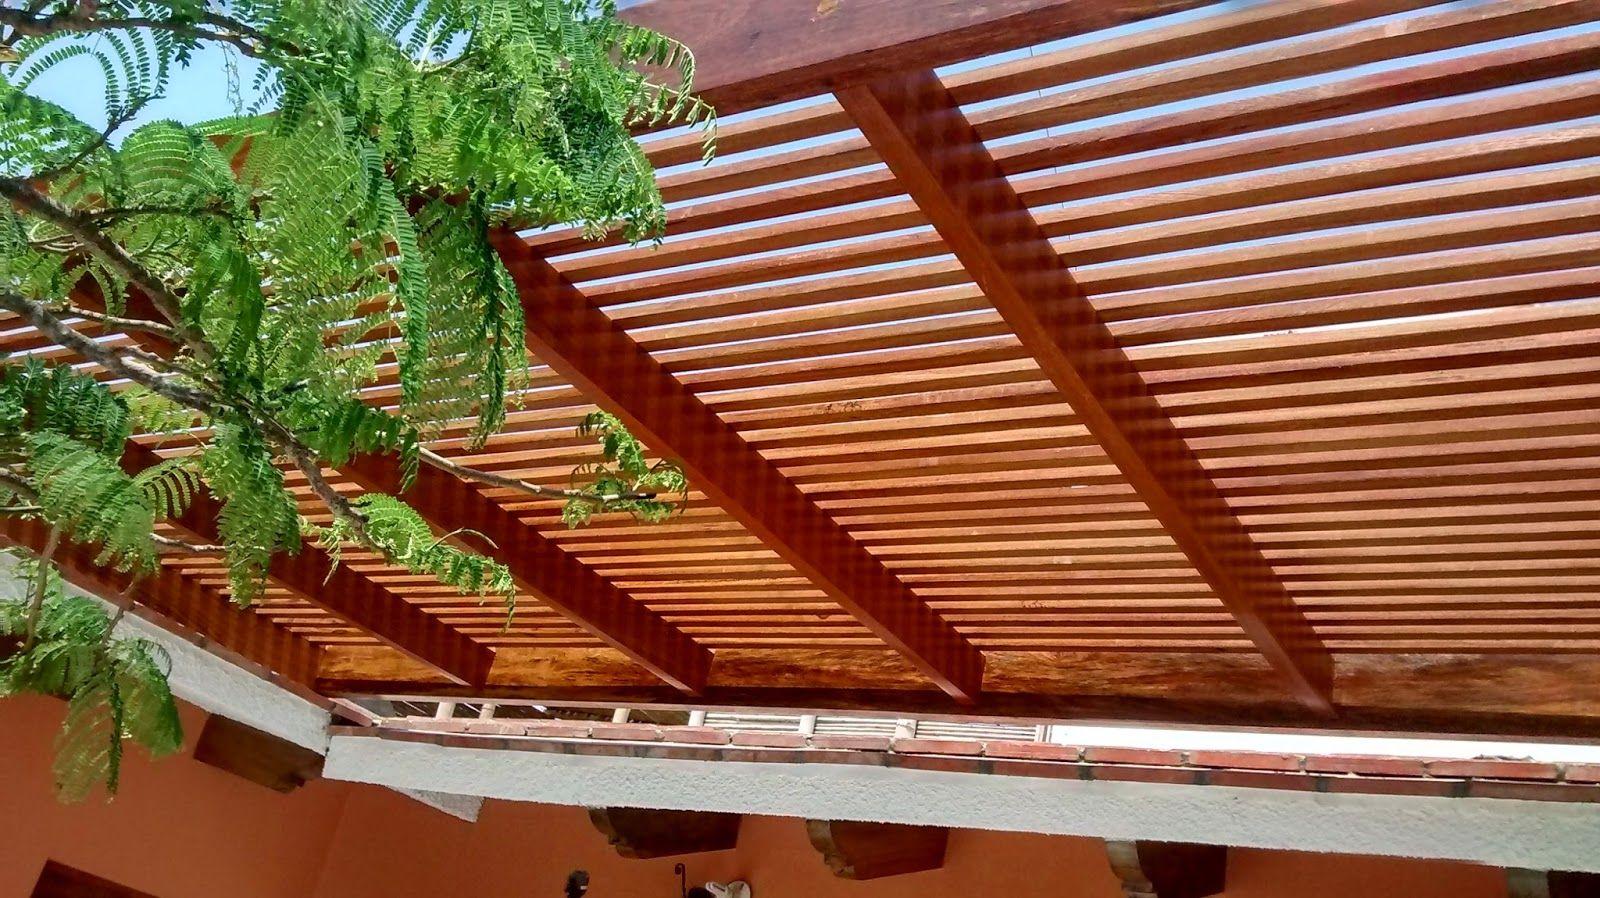 techo sol y sombra de madera huayruro techos pinterest. Black Bedroom Furniture Sets. Home Design Ideas